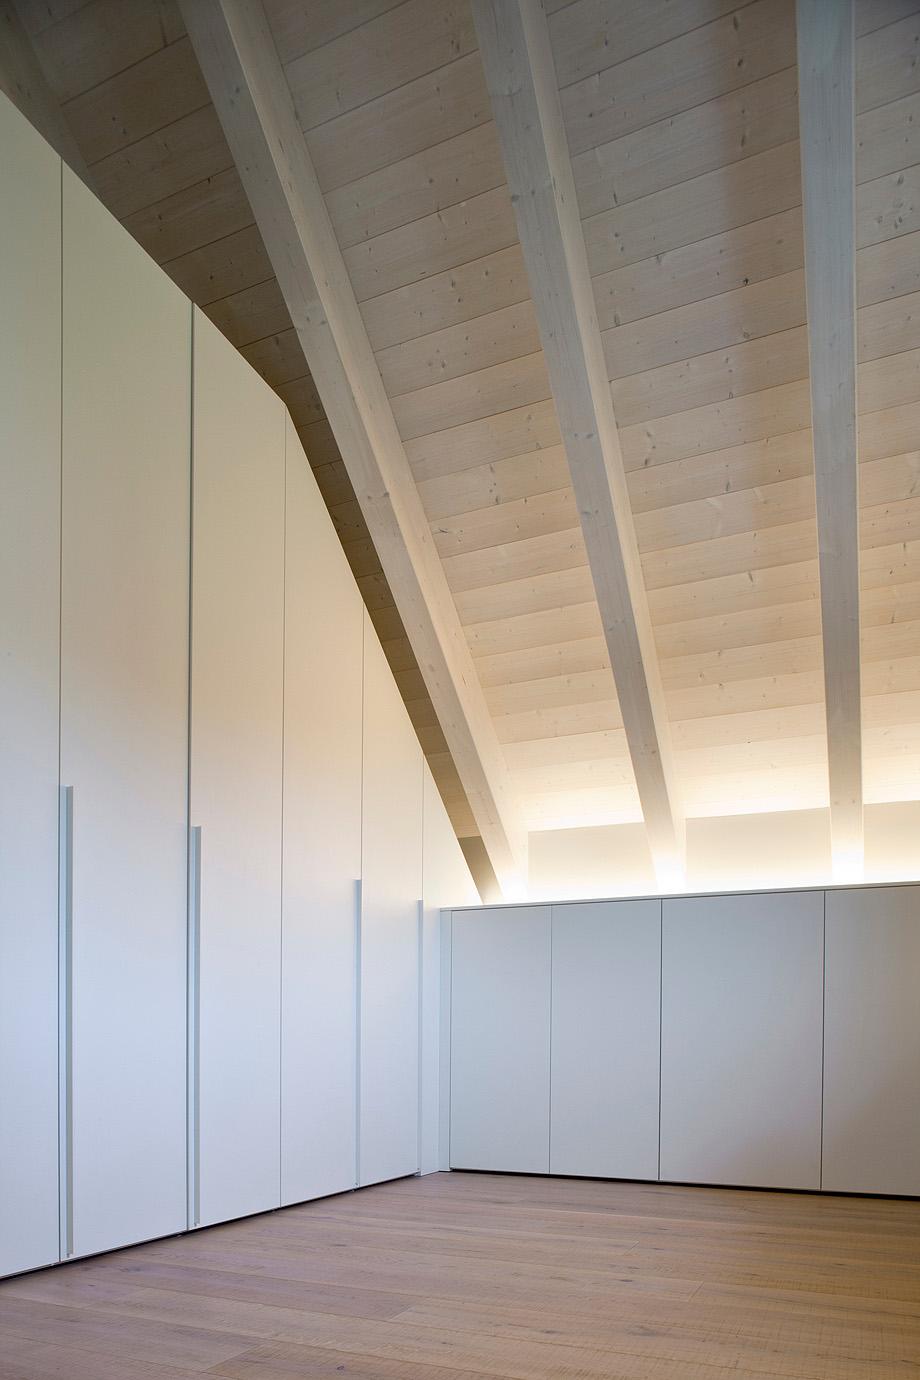 casa en pordenone de corde architetti associati - alessandra bello (11)